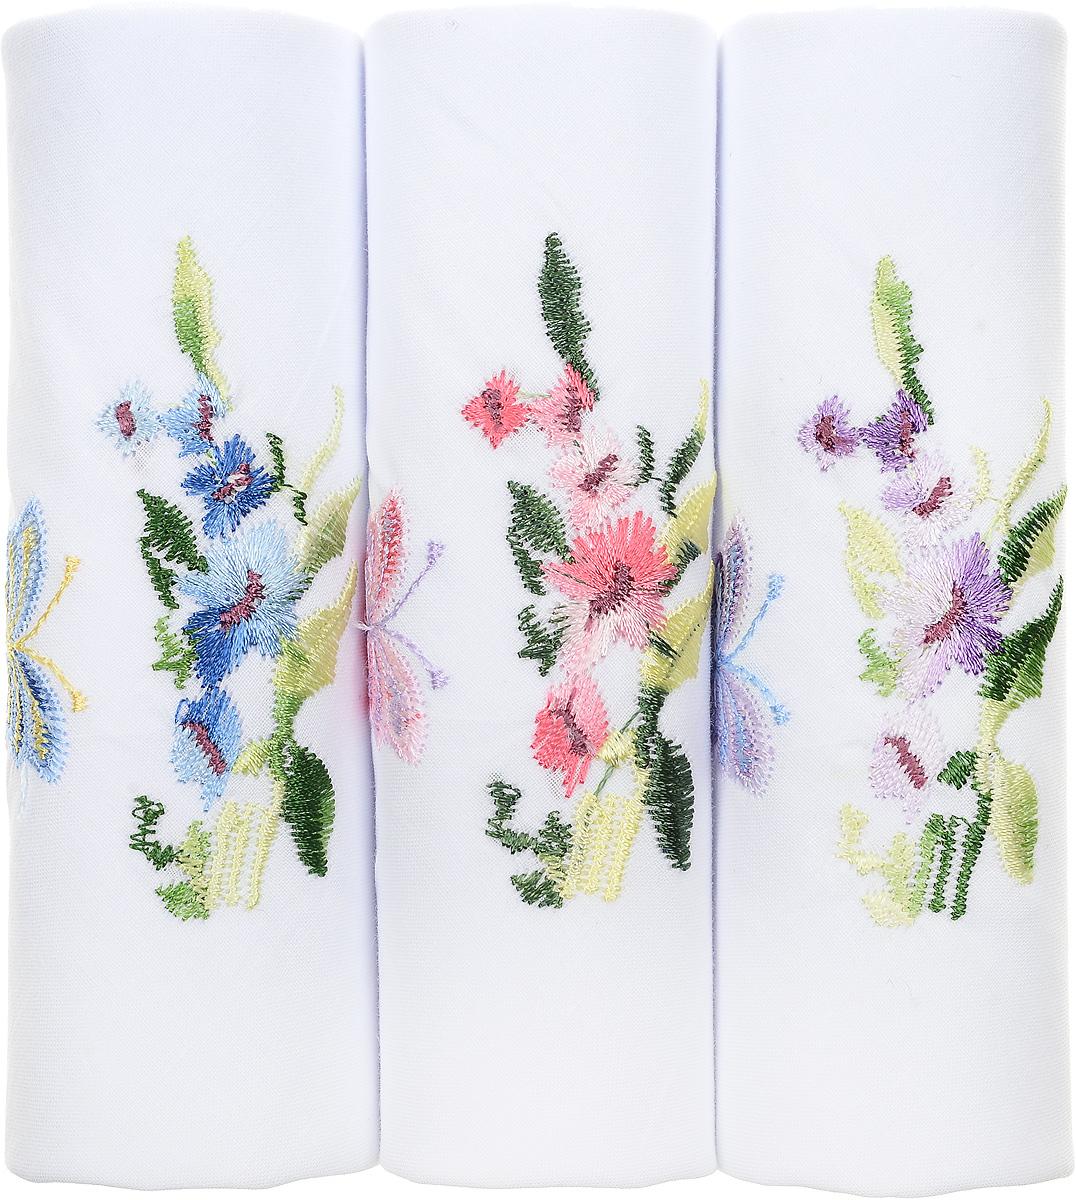 Платок носовой женский Zlata Korunka, цвет: белый, мультиколор, 3 шт. 40320-8. Размер 43 см х 43 см39864|Серьги с подвескамиОригинальный женский носовой платок Zlata Korunka изготовлен из высококачественного натурального хлопка, благодаря чему приятен в использовании, хорошо стирается, не садится и отлично впитывает влагу. Практичный и изящный носовой платок будет незаменим в повседневной жизни любого современного человека. Такой платок послужит стильным аксессуаром и подчеркнет ваше превосходное чувство вкуса.